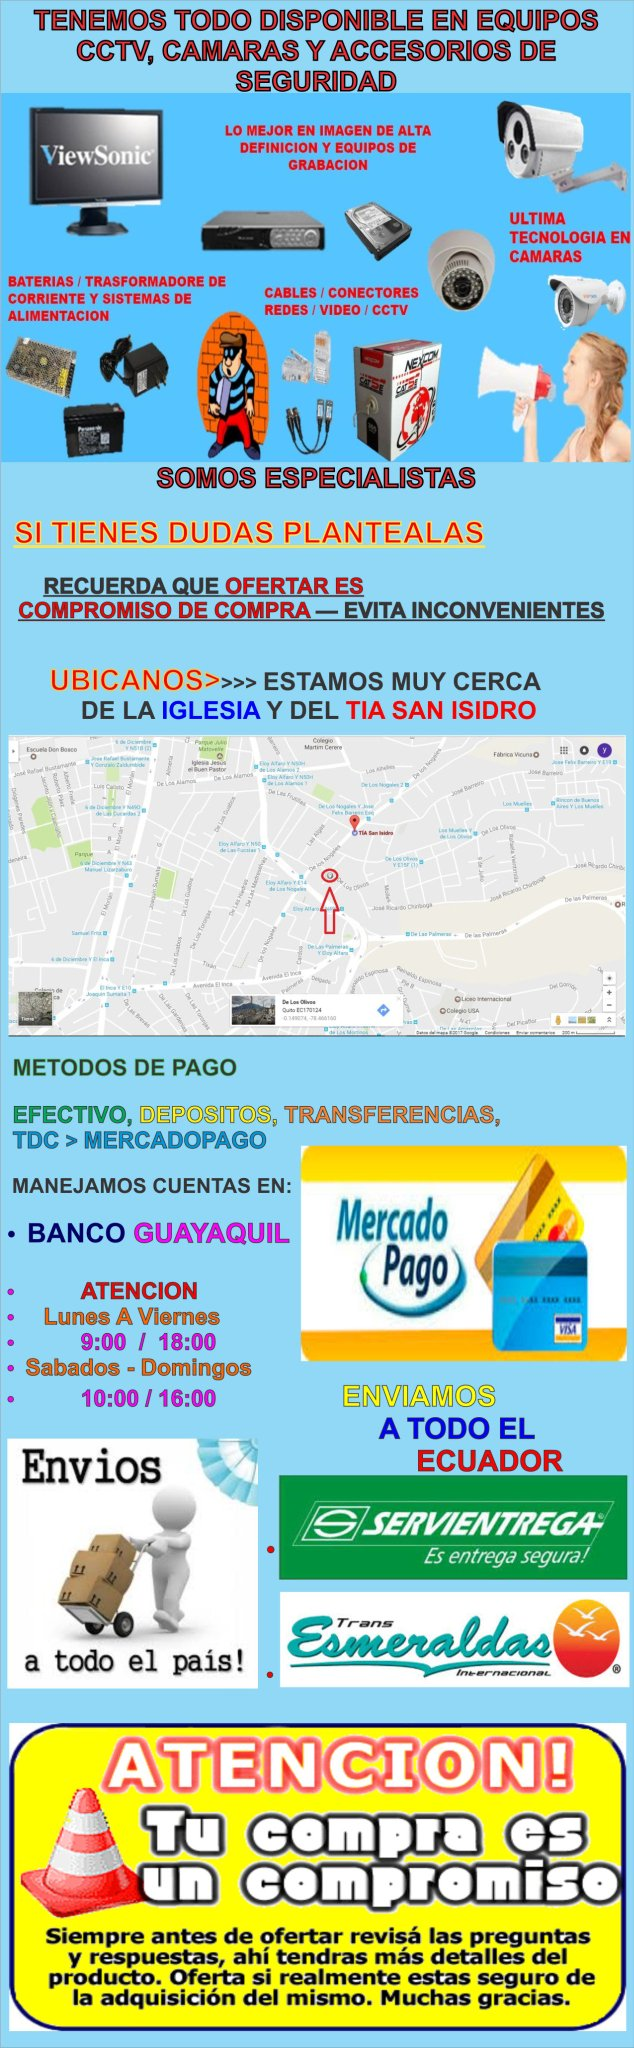 INFORMACION FORMA PAGO Y ENVIO